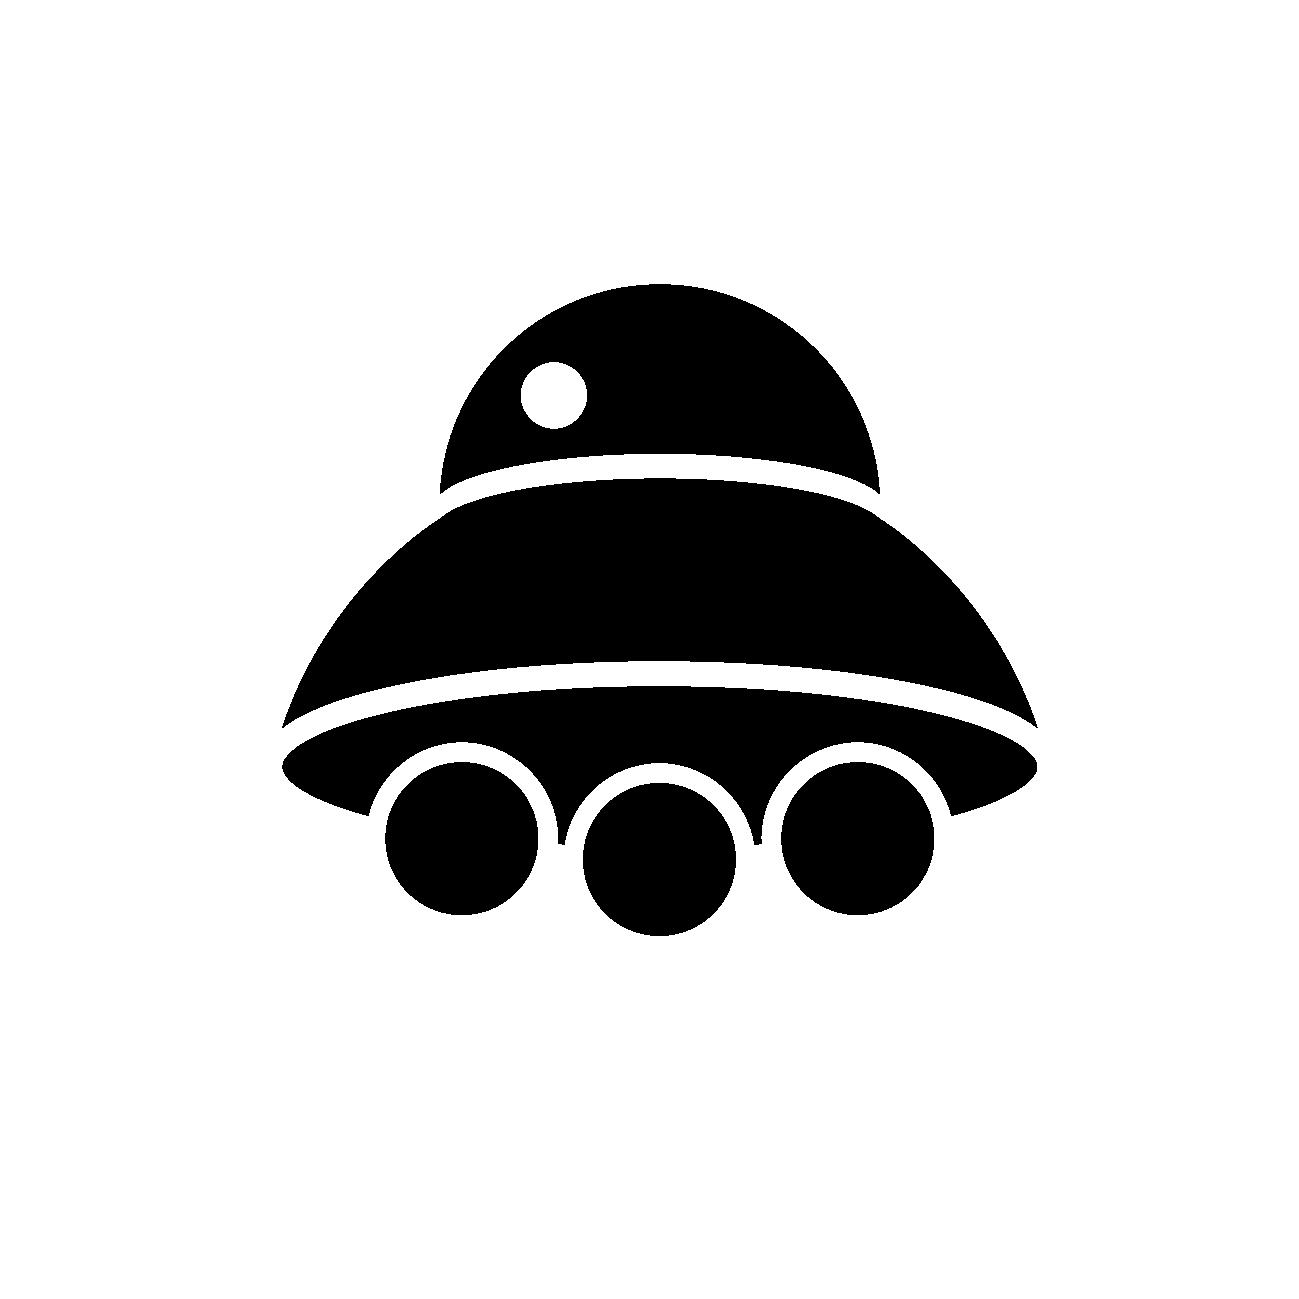 アダムスキー型UFOが発見されるまで!宇宙人と友達に?